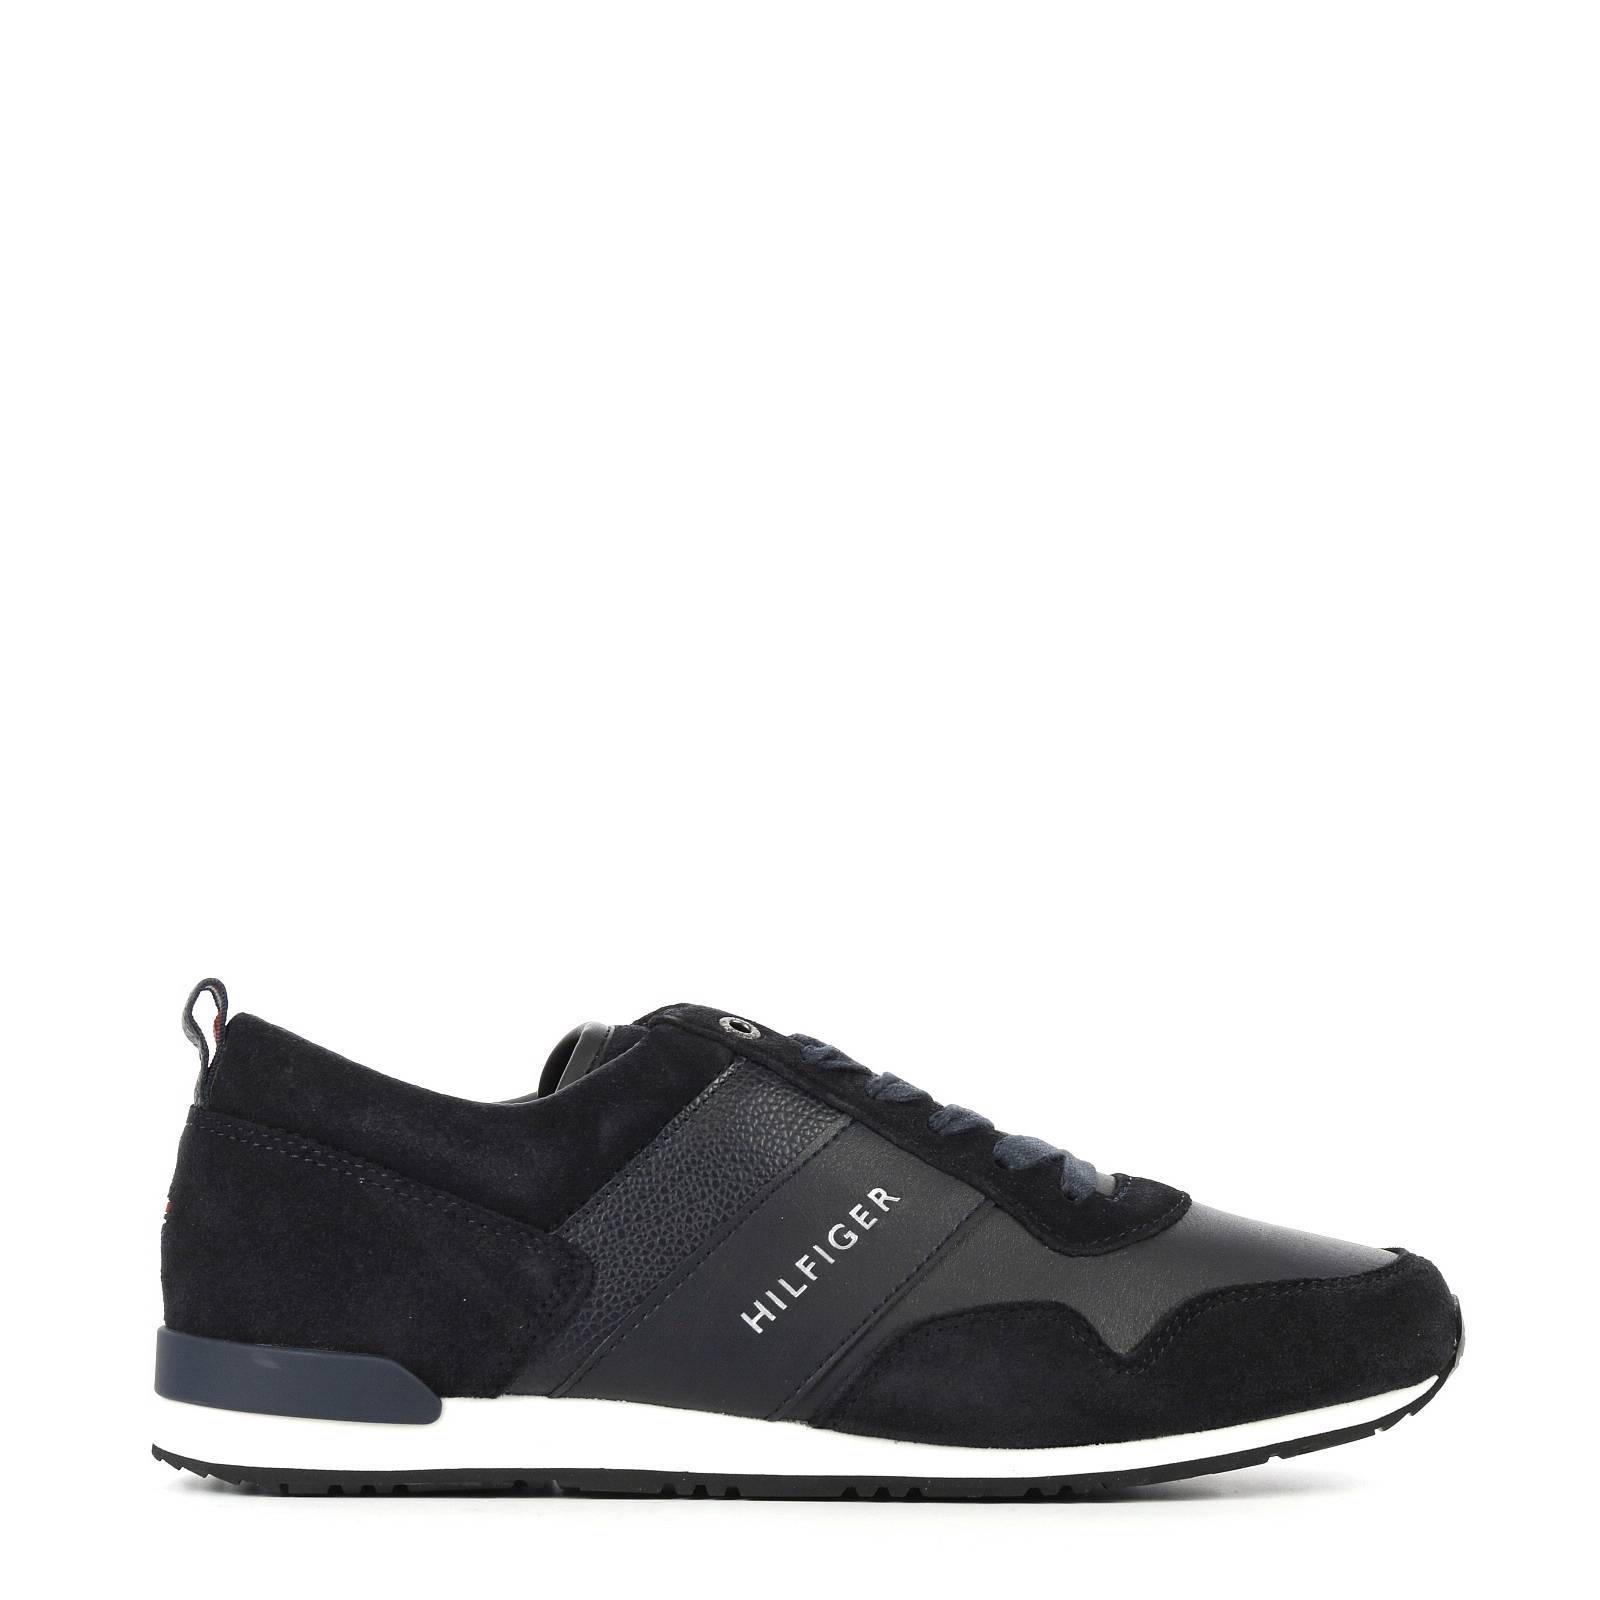 cb7123772 Tommy Hilfiger Maxwell II CL leren sneakers   wehkamp